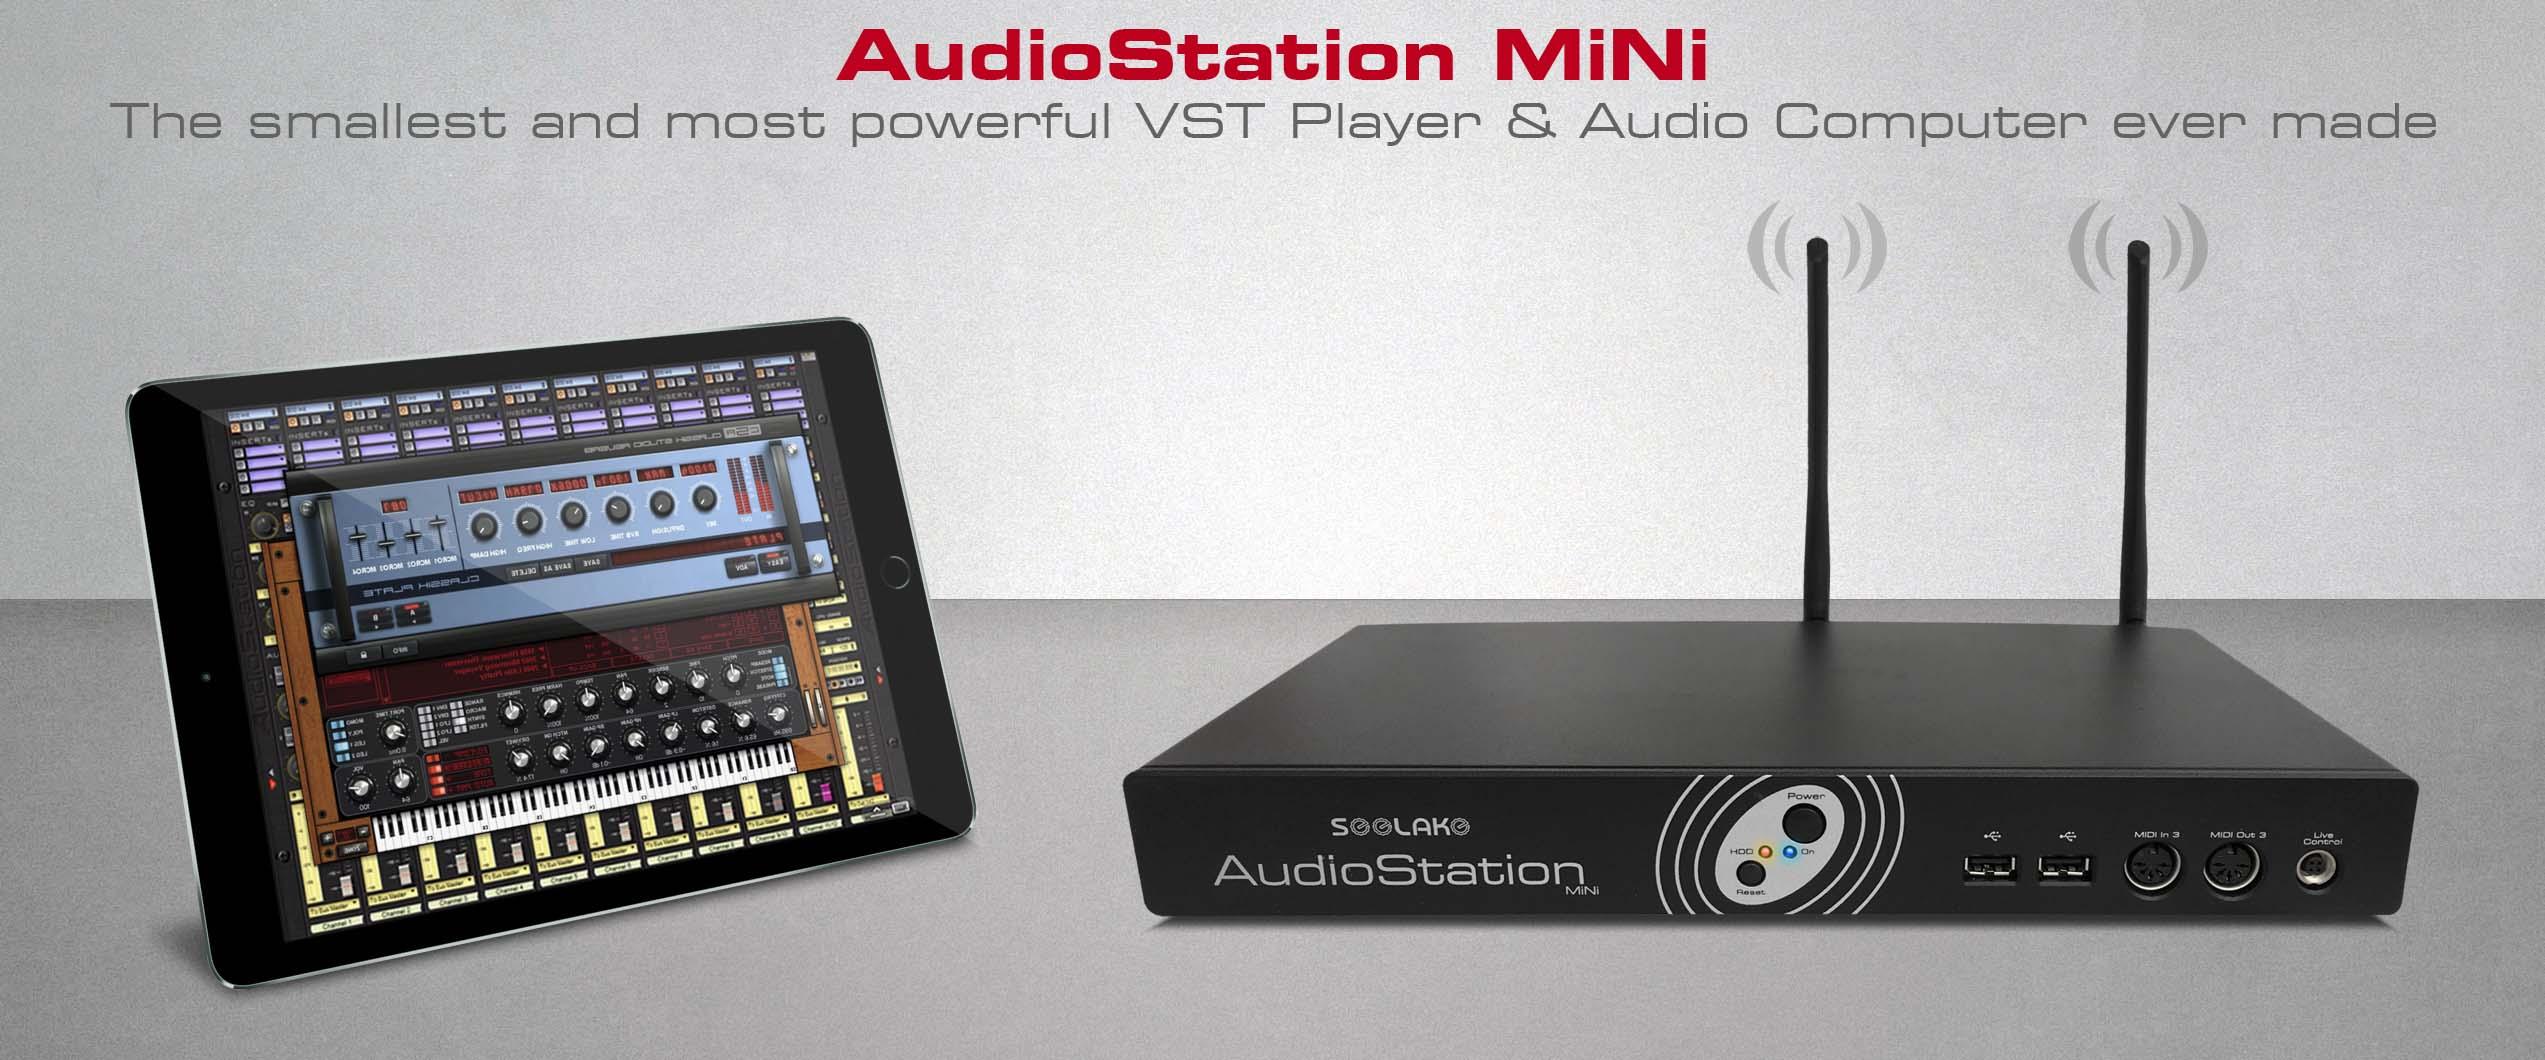 Seelake - AudioStation VST plugins